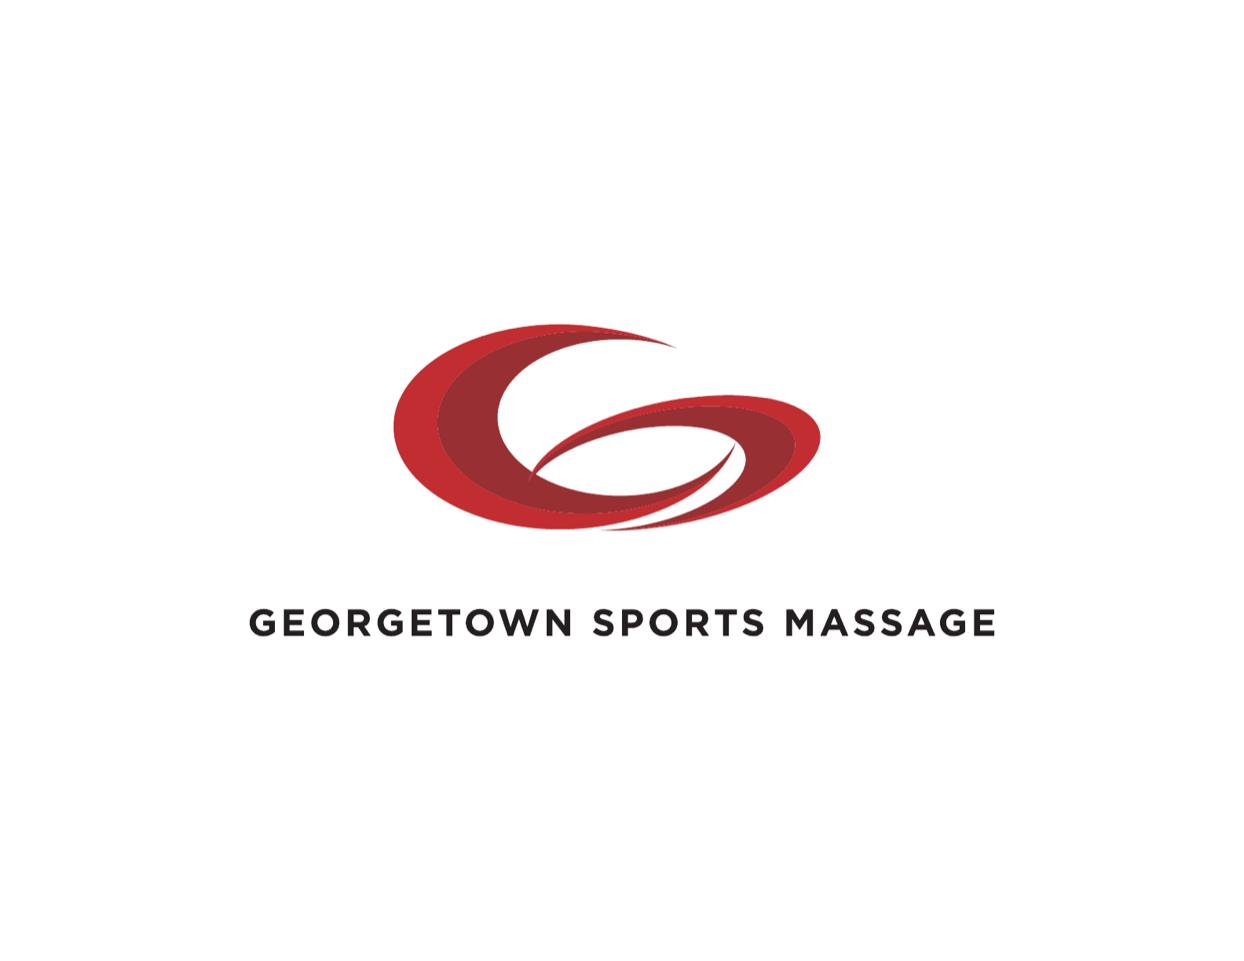 Georgetown Sports Massage